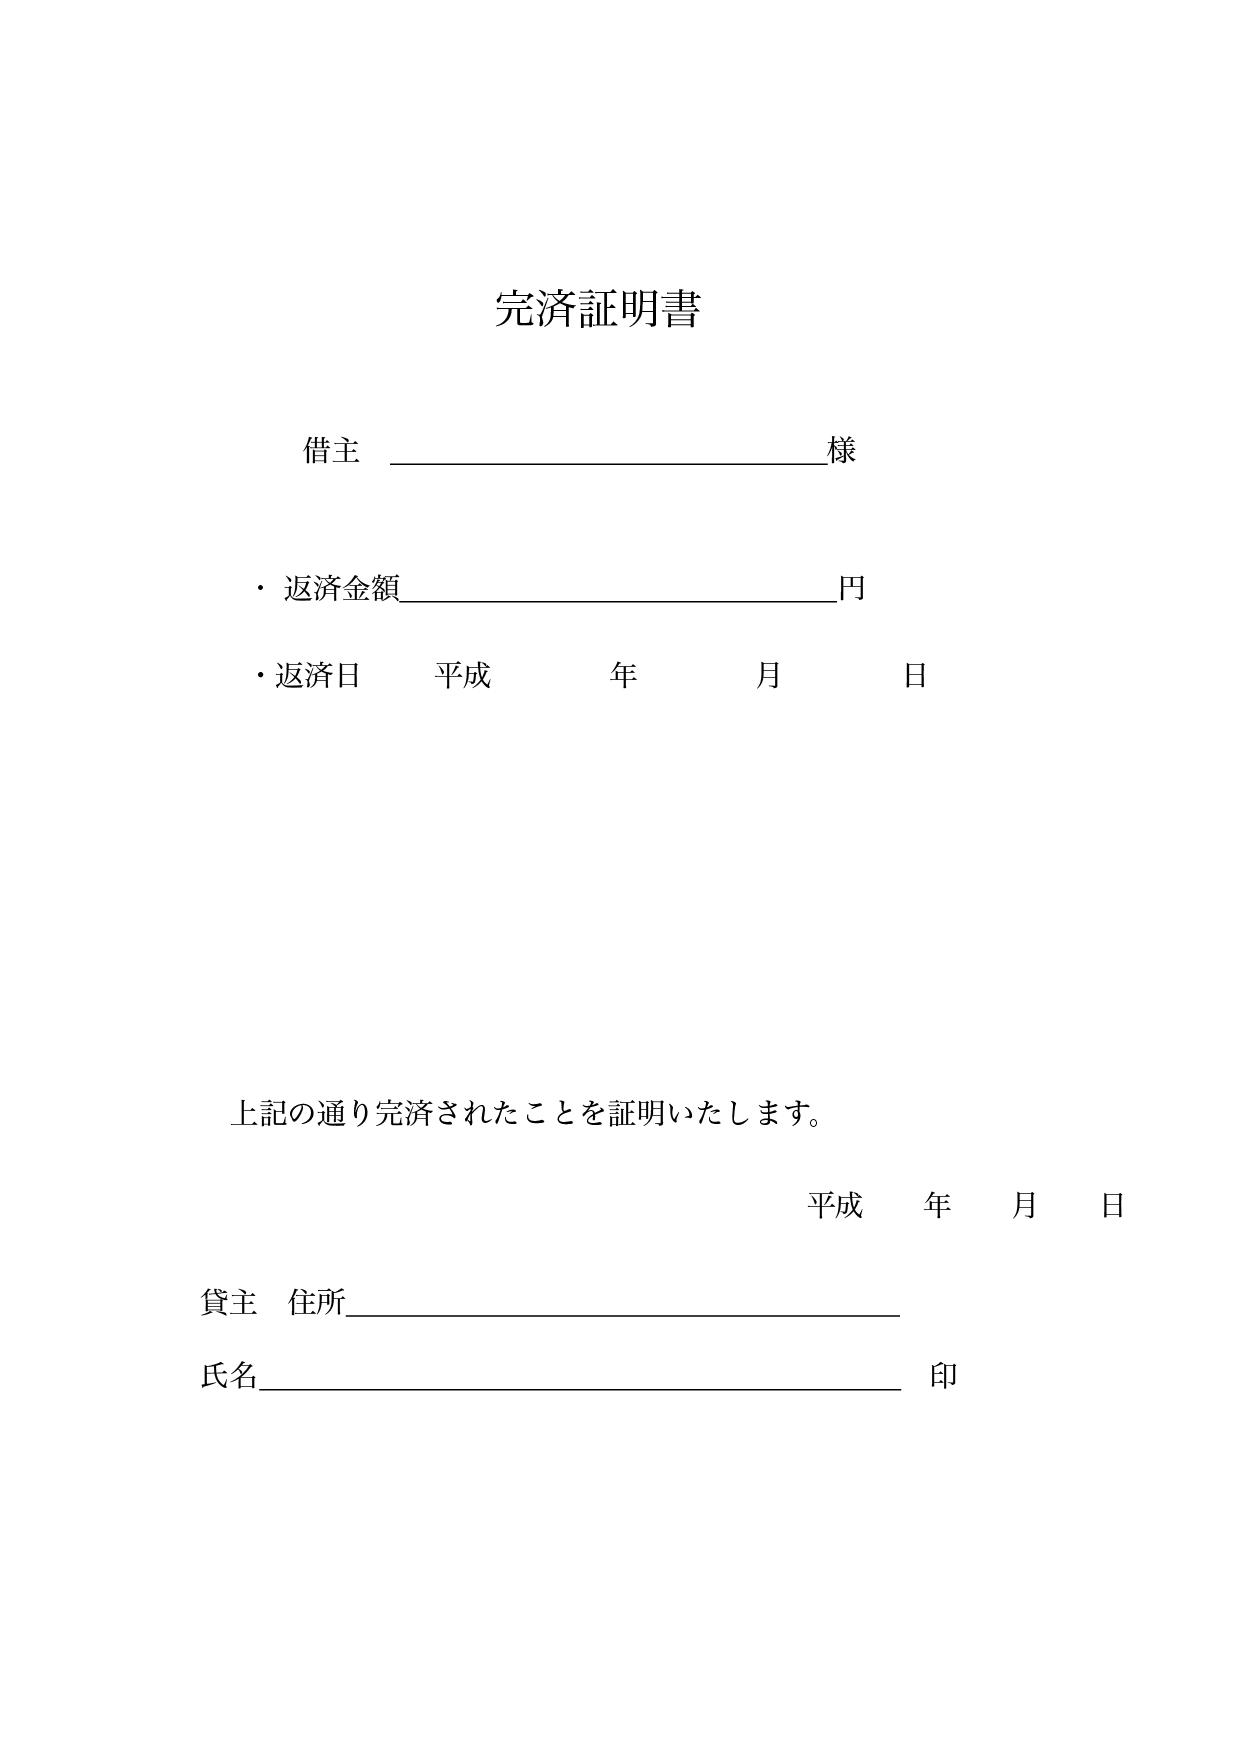 完済証明書 テンプレート_シンプル(ワード・ページズ)